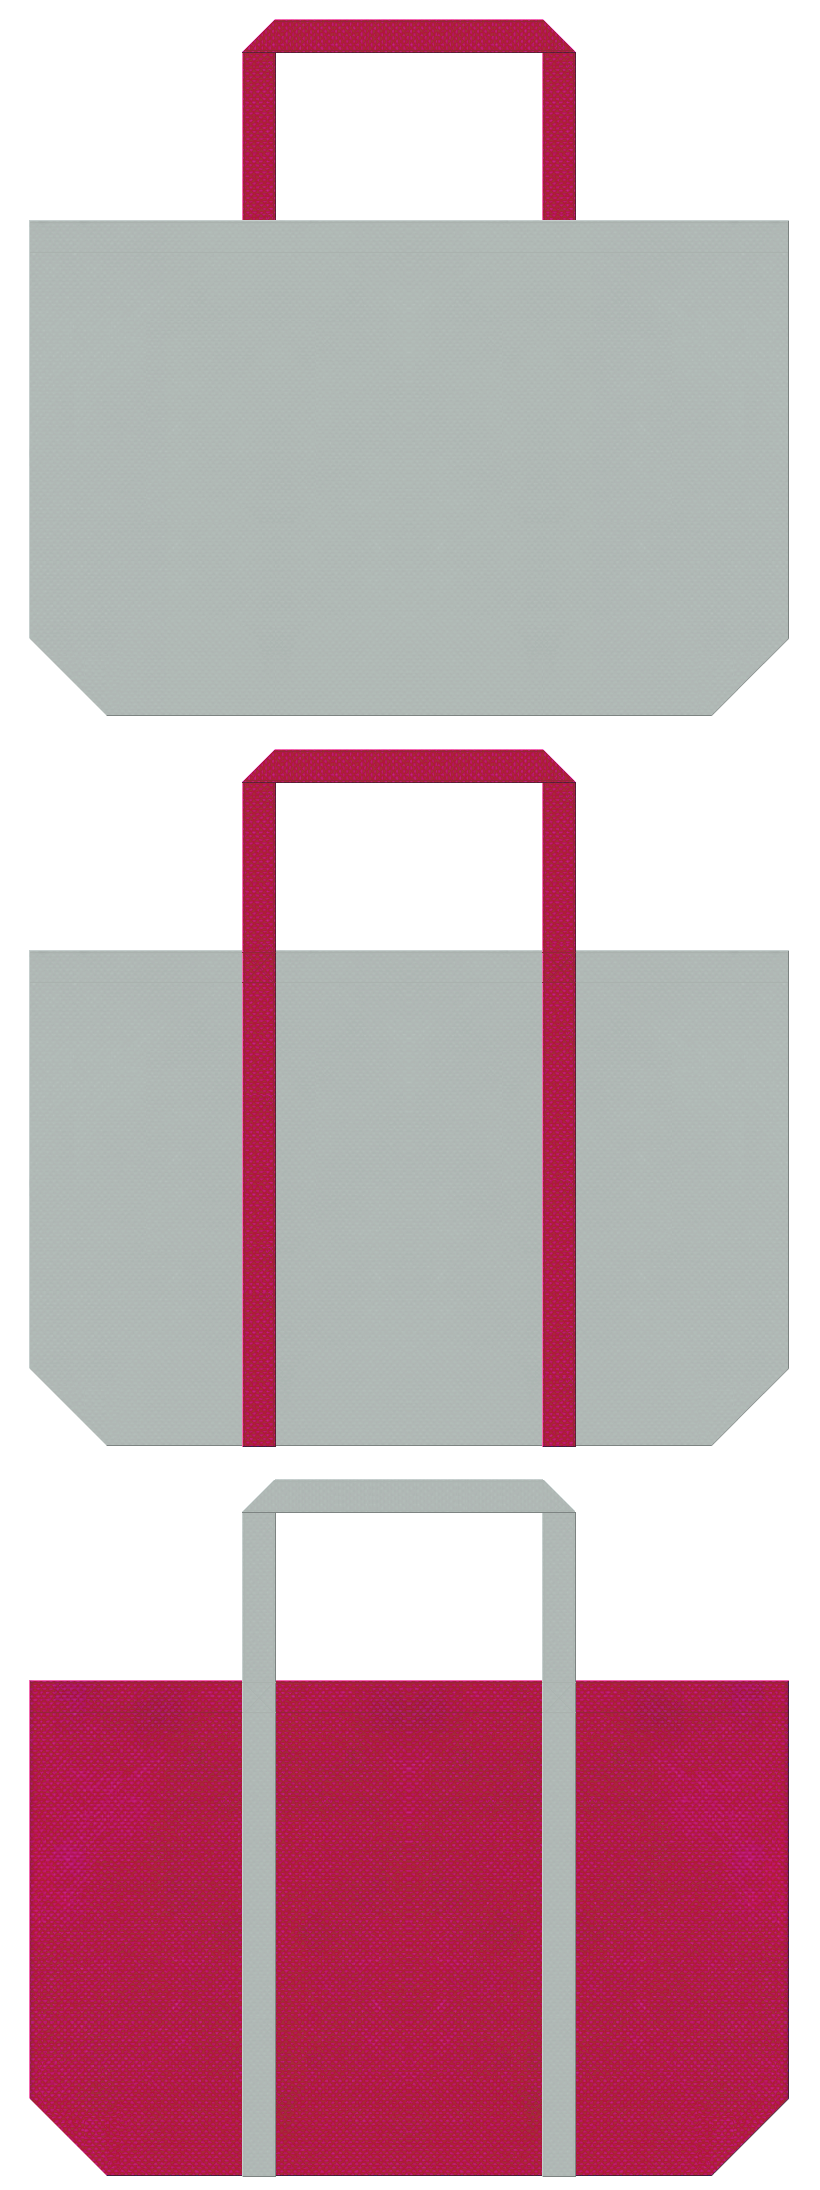 グレー色と濃いピンク色の不織布エコバッグのデザイン。ロボット・ラジコン・ホビーのイメージにお奨めの配色です。